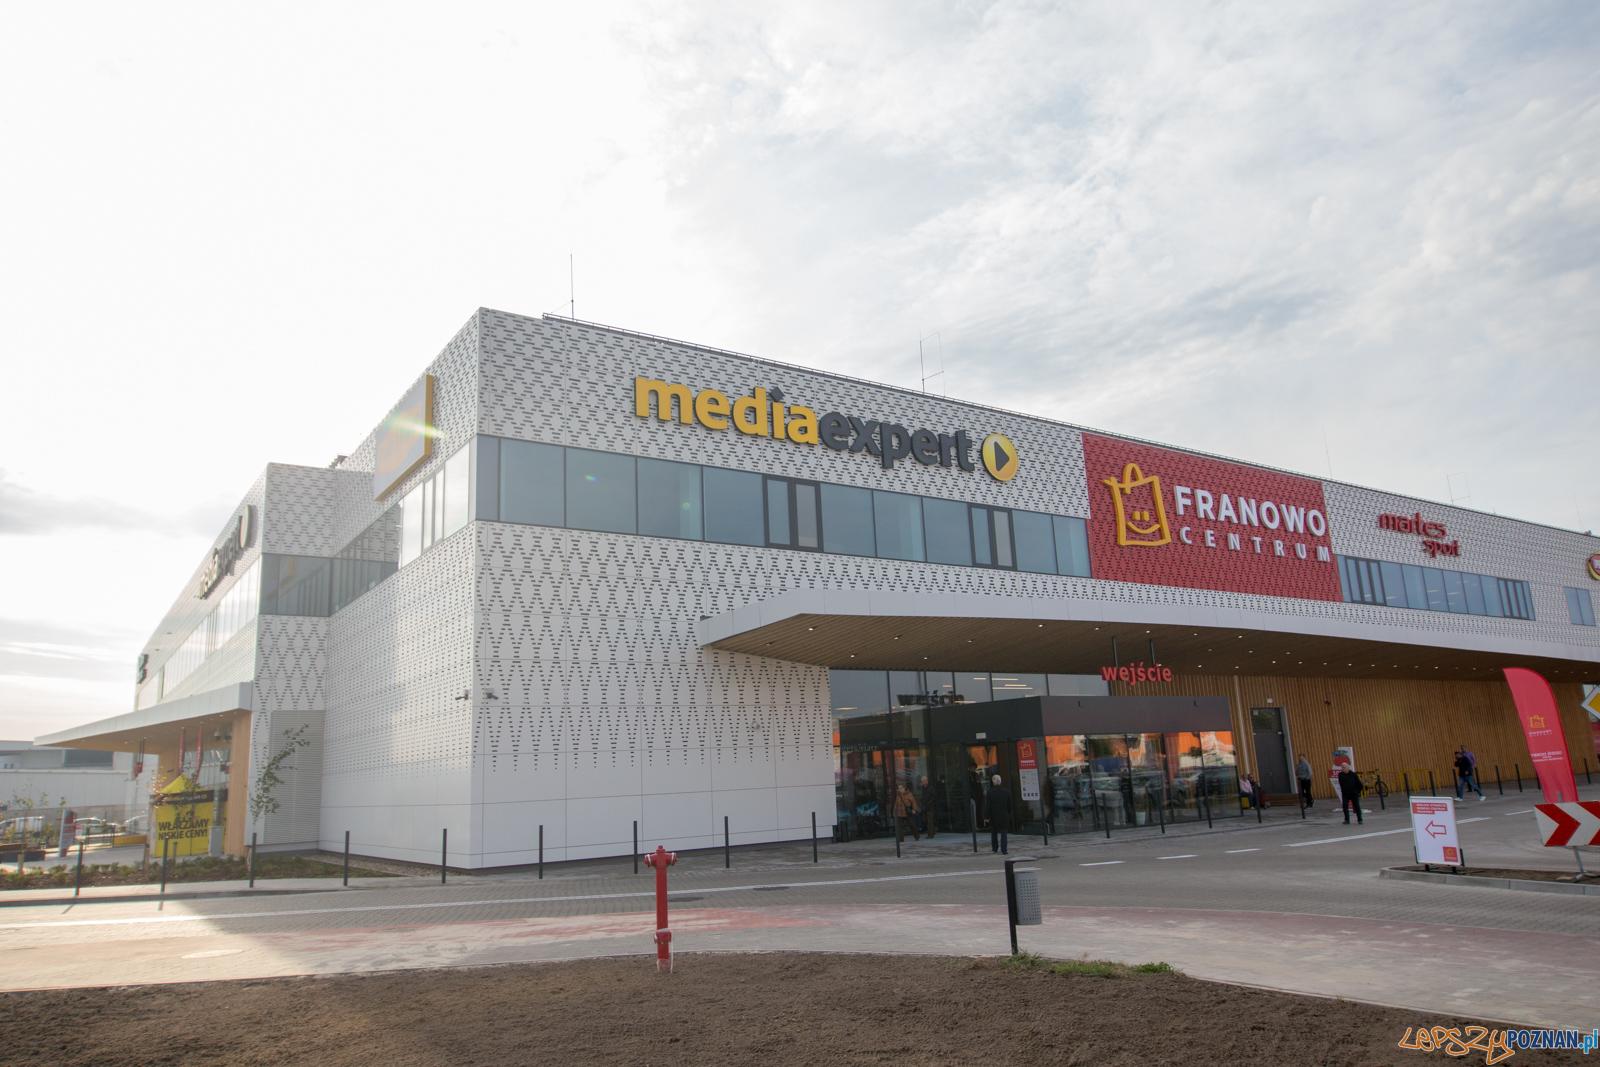 Nowe Centrum Franowo  Foto: lepszyPOZNAN.pl/Piotr Rychter